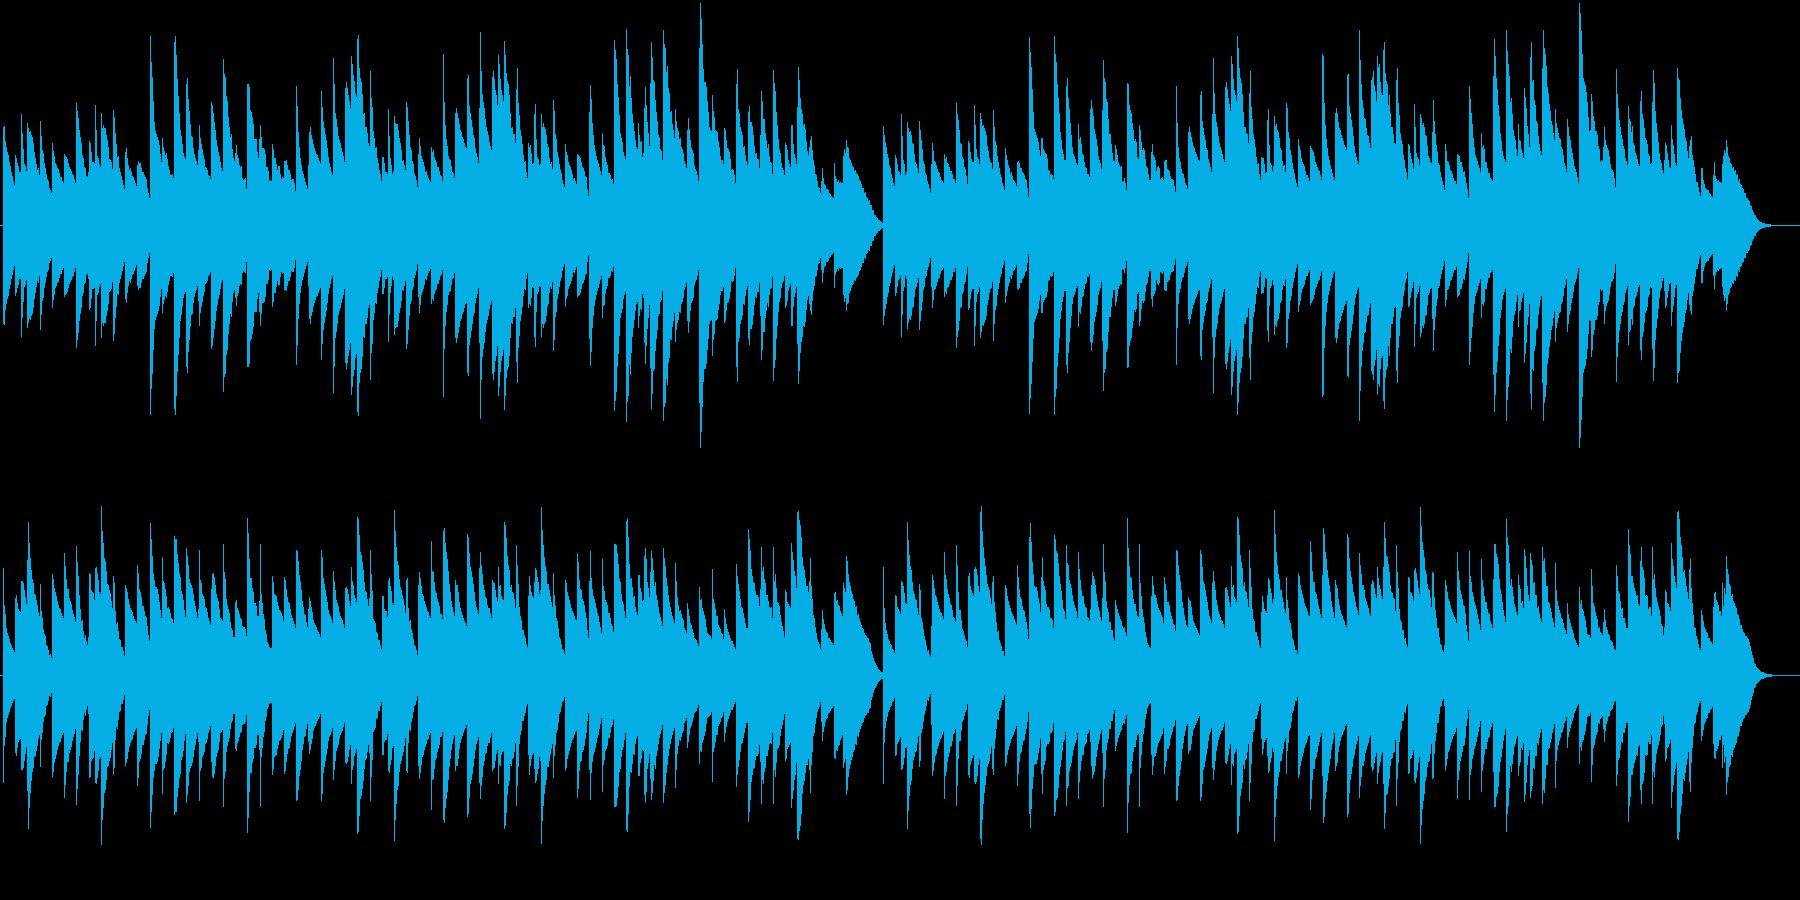 サイレントナイトのオルゴールバージョンの再生済みの波形